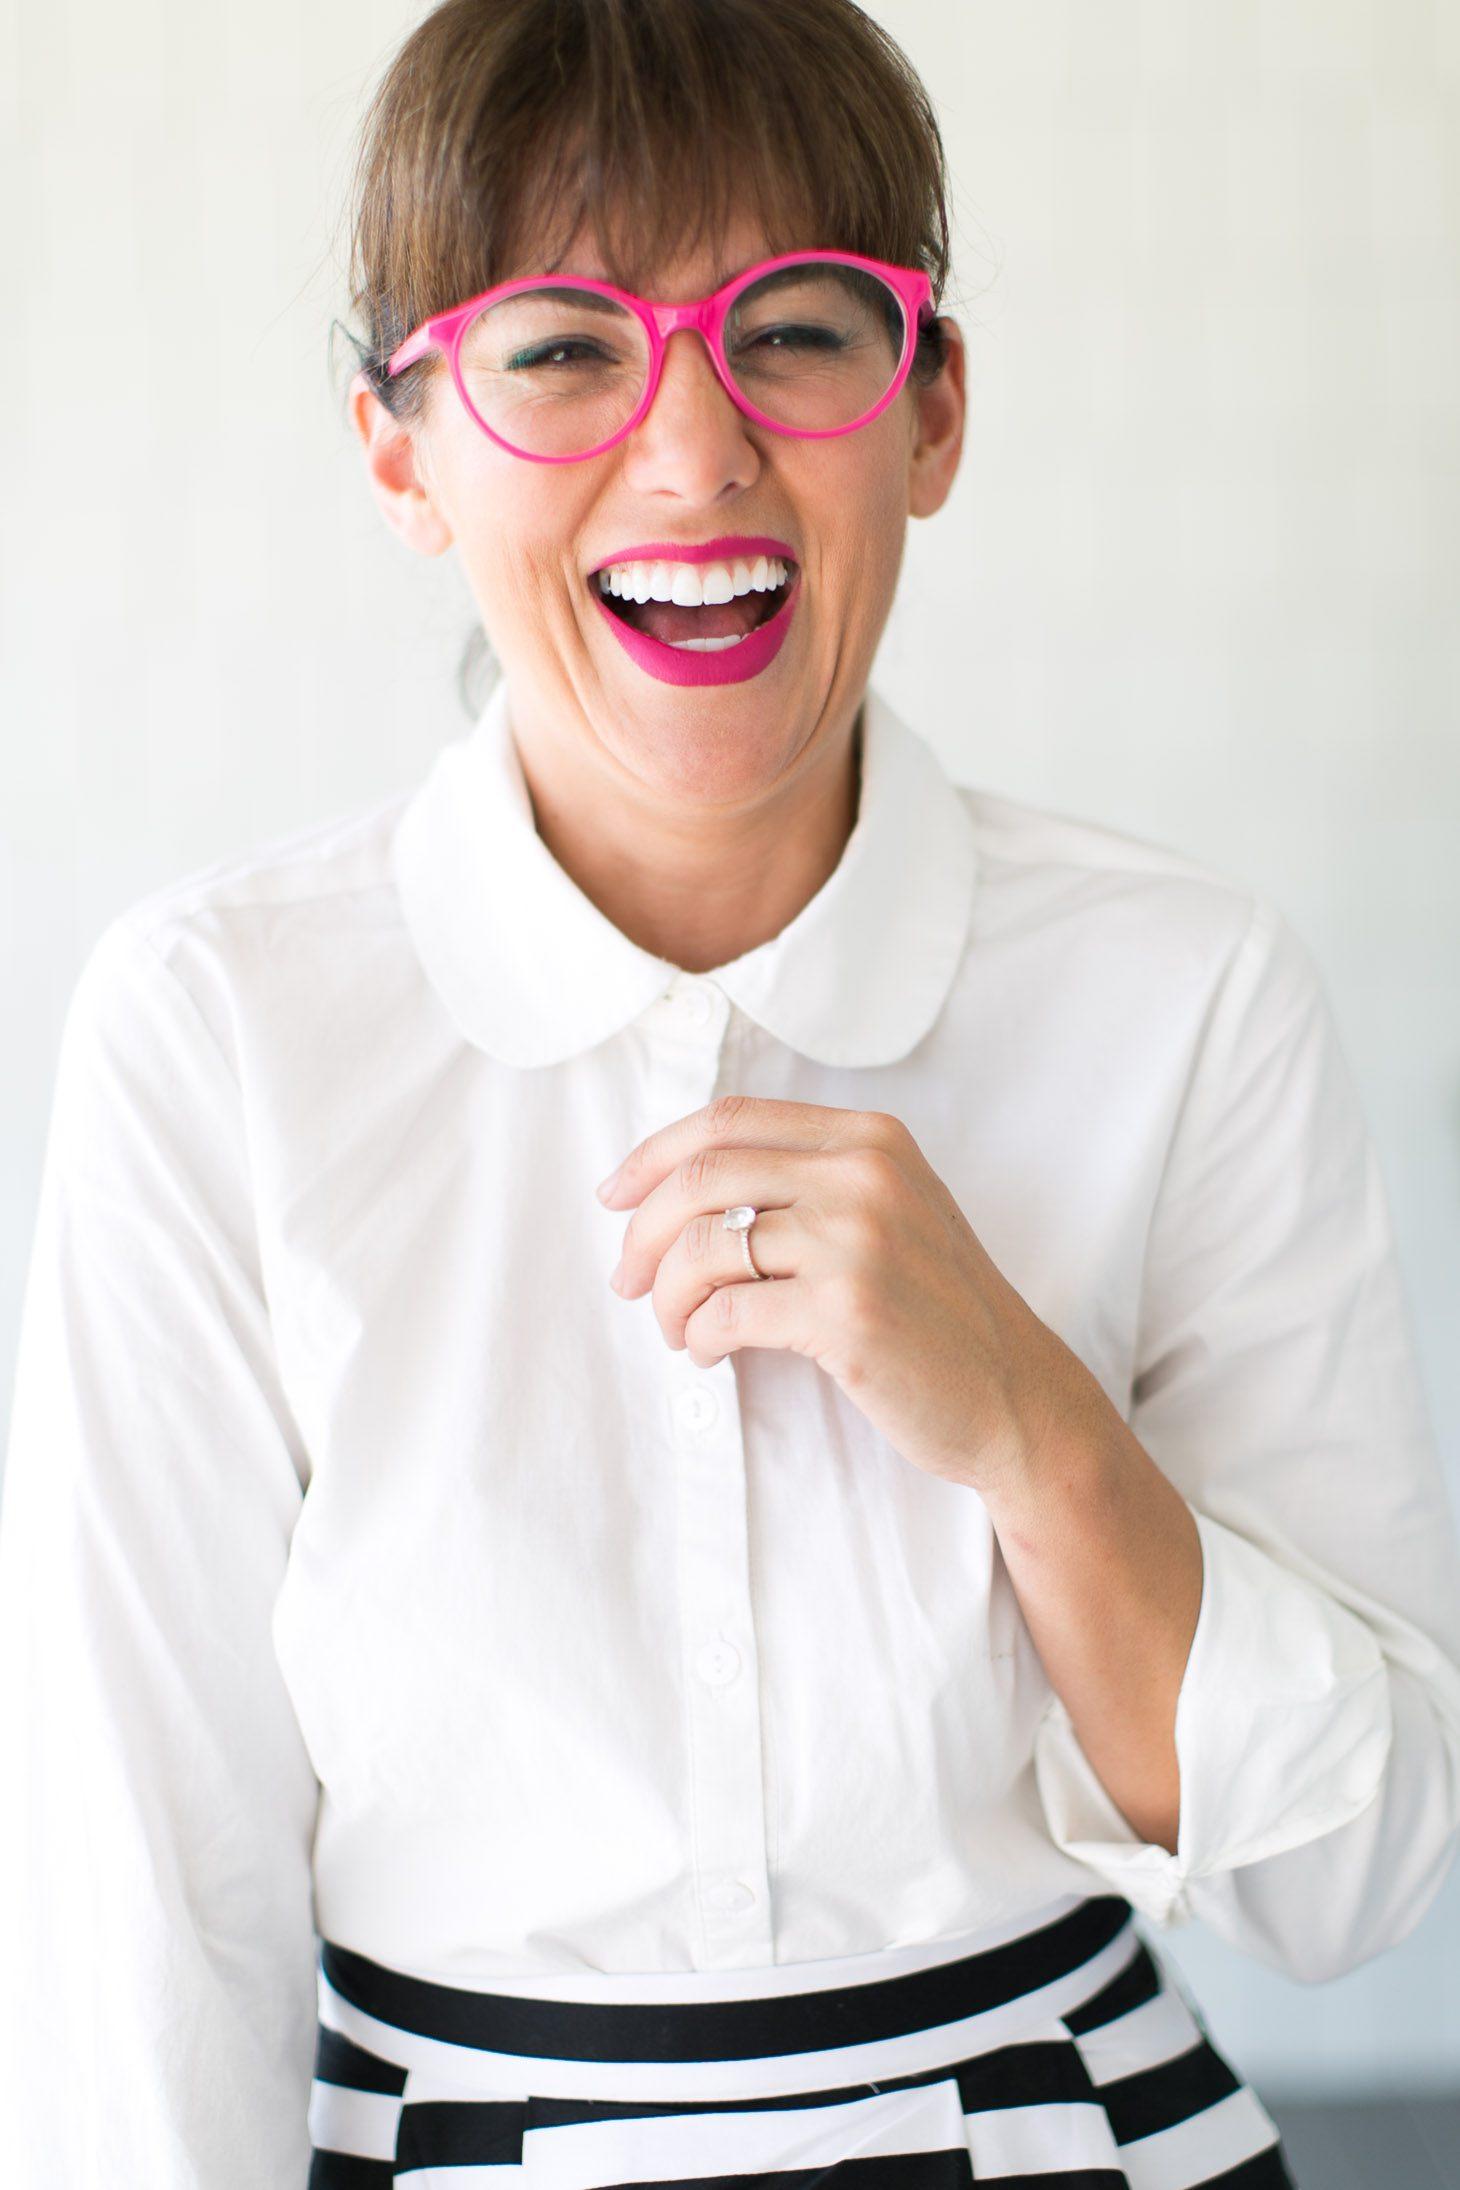 Jillian Harris Back to Work in Style Fall Wardrobe Tips